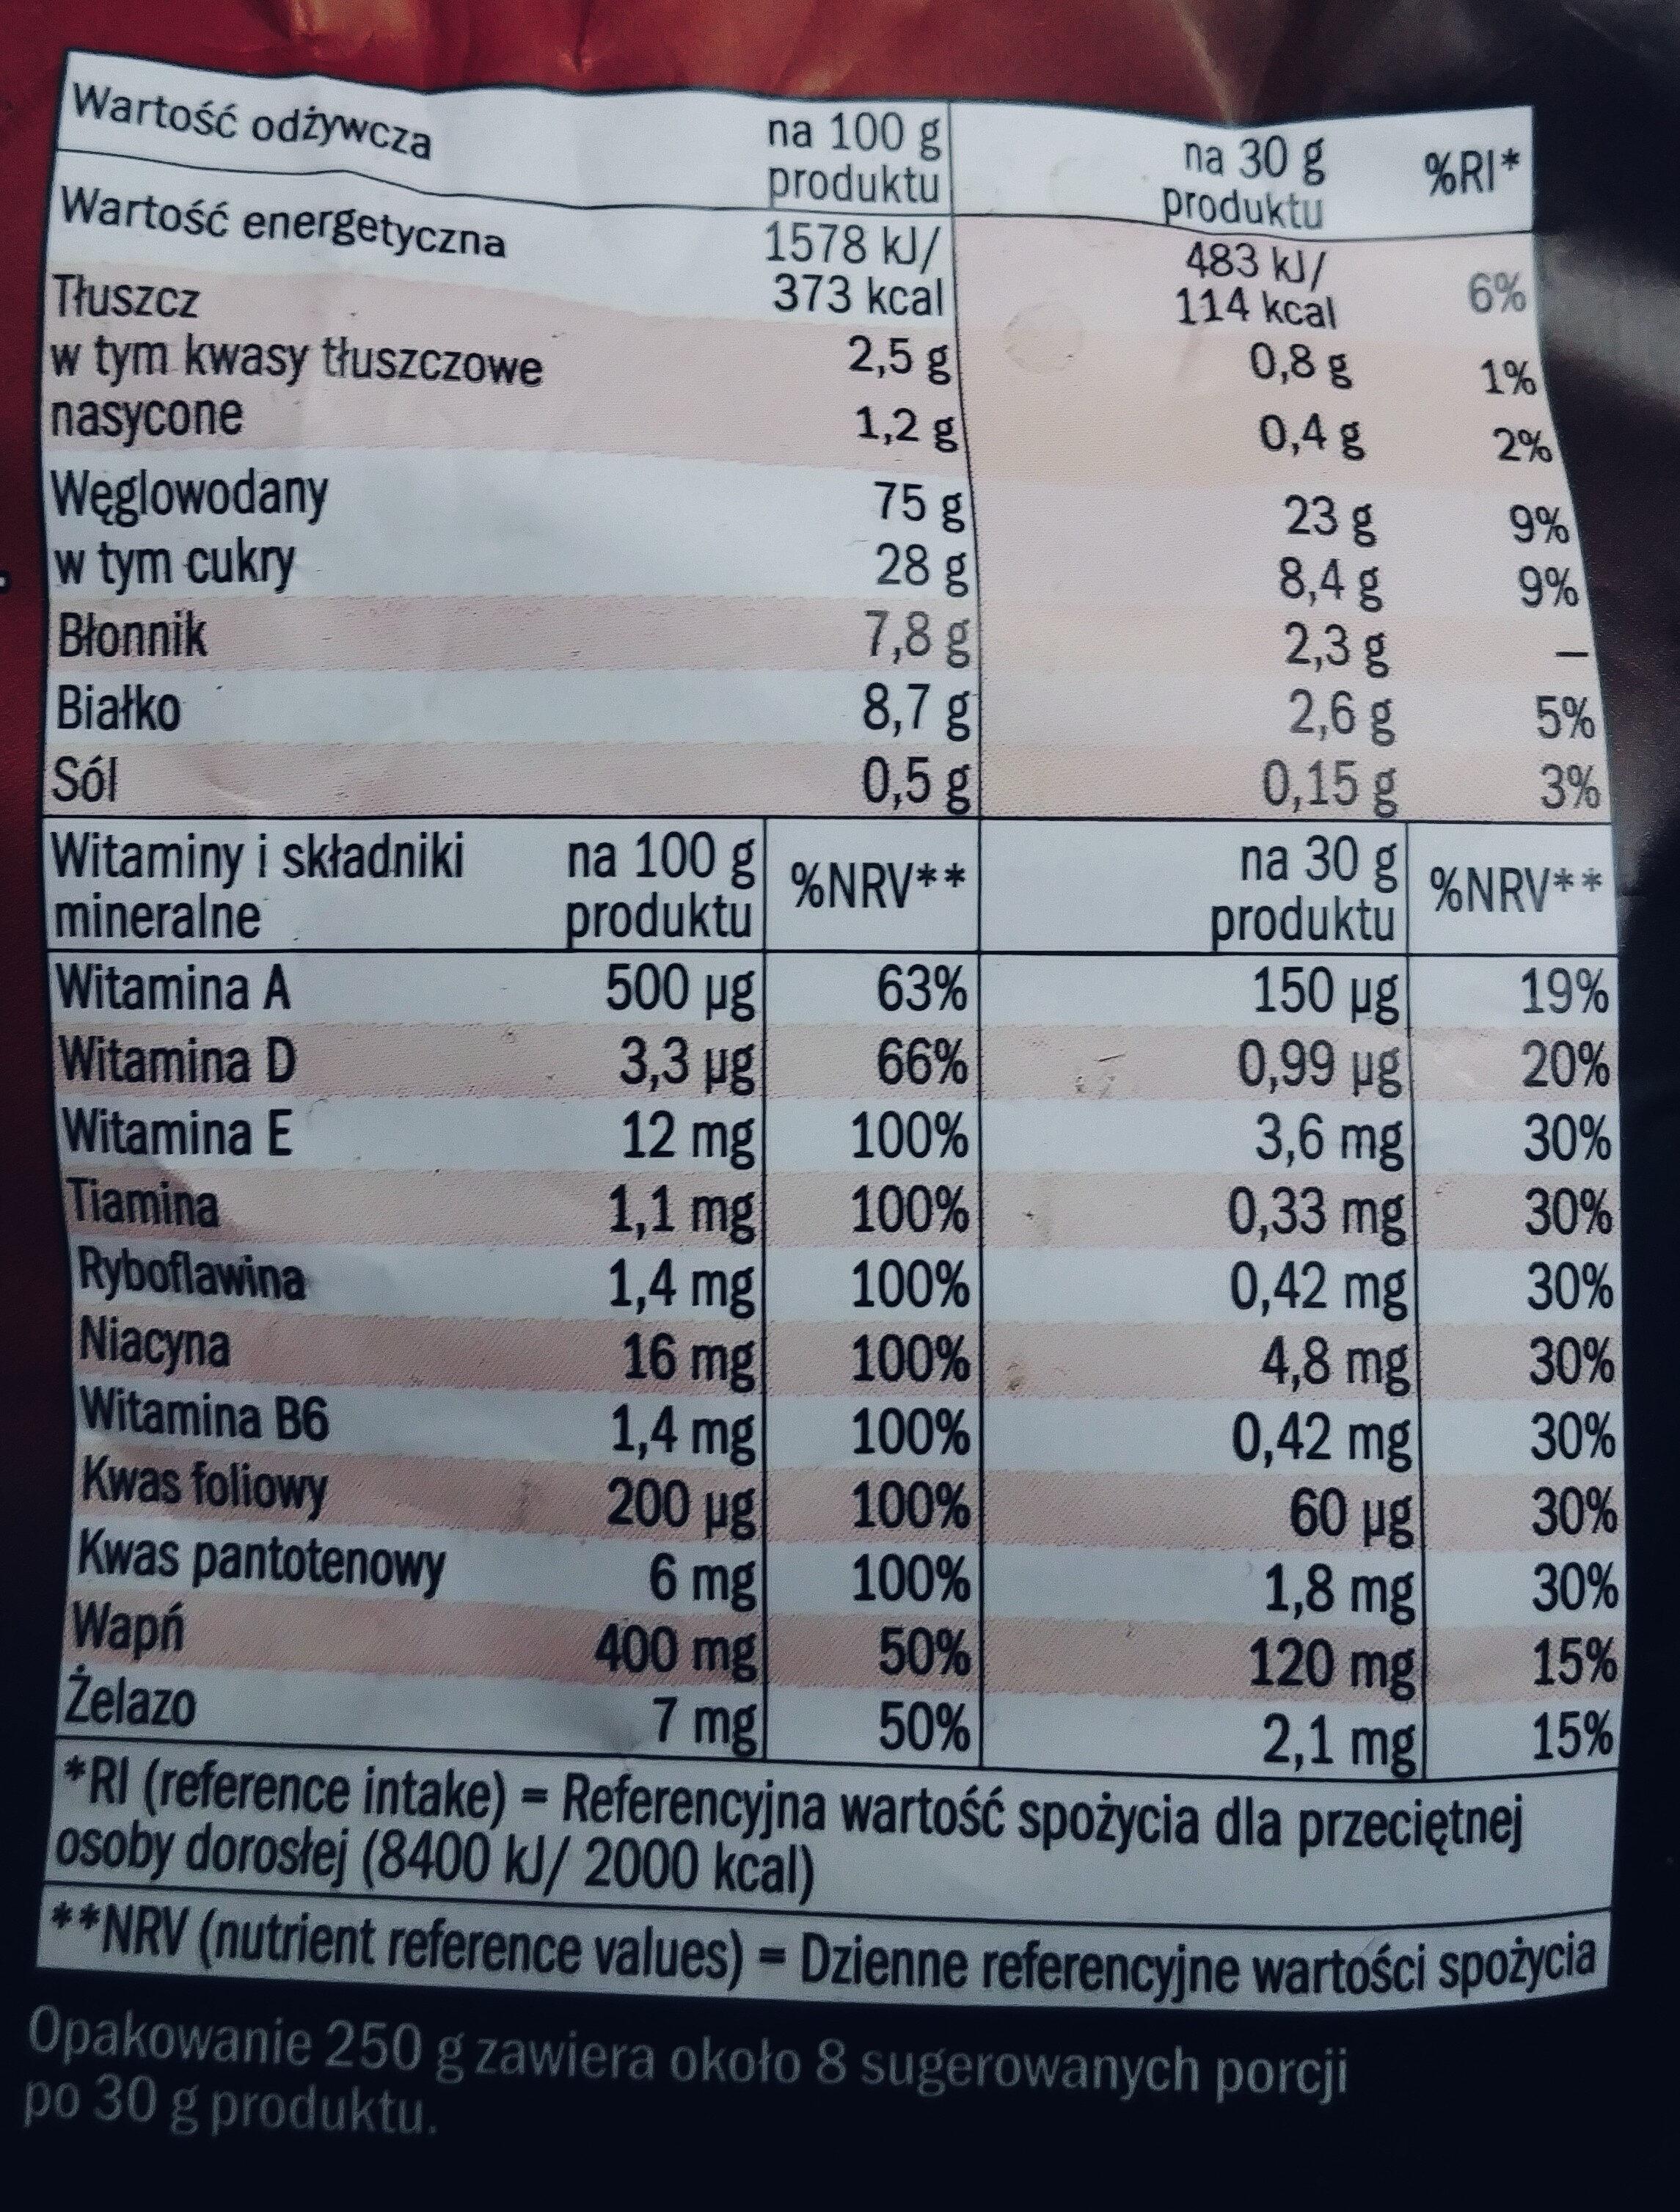 Muszelki zbożowe o smaku czekoladowym wzbogacone w 9 witamin, wapń i żelazo. - Wartości odżywcze